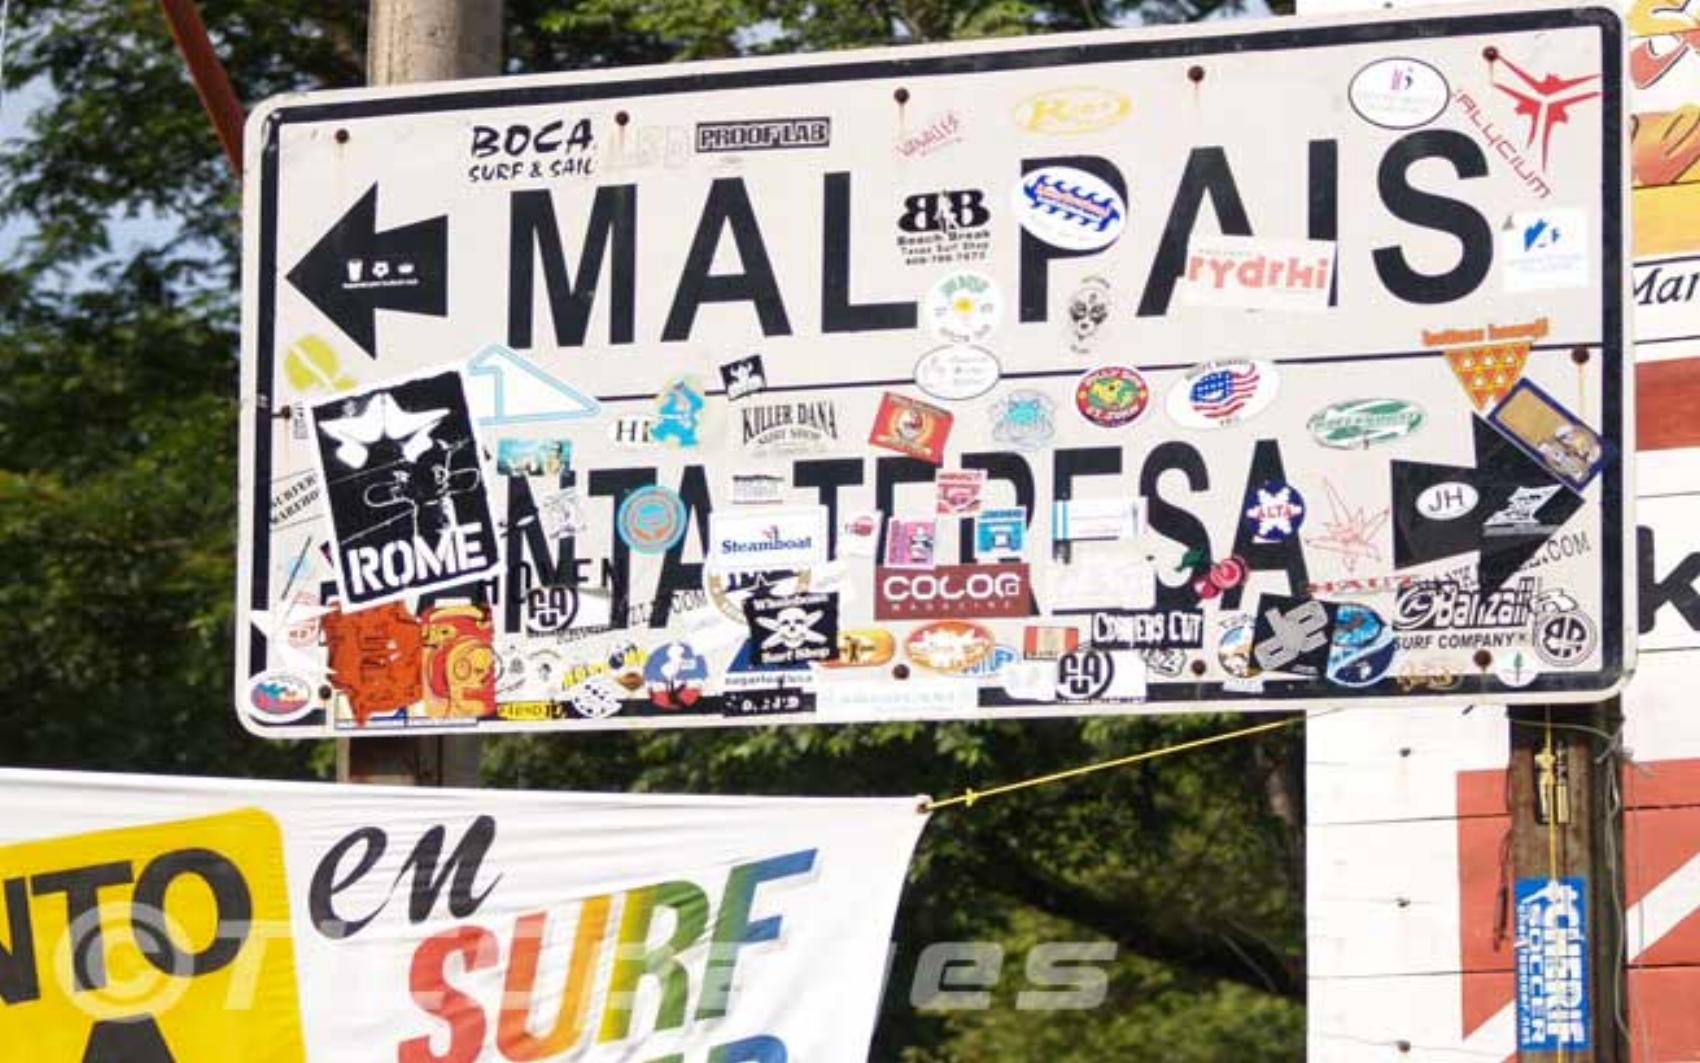 - Santa Teresa, Mal Pais, se encuentra en la Península de Nicoya, una de las más diversas áreas de Costa Rica, que cuenta con bosques tropicales, buen surfing y espectaculares puestas de sol sobre el Océano Pacifico. En esta zona, también dispondrás de todos los servicios (restaurantes, farmacias, bancos, alquiler de vehículos, spas, centros de yoga y escuelas de surf).